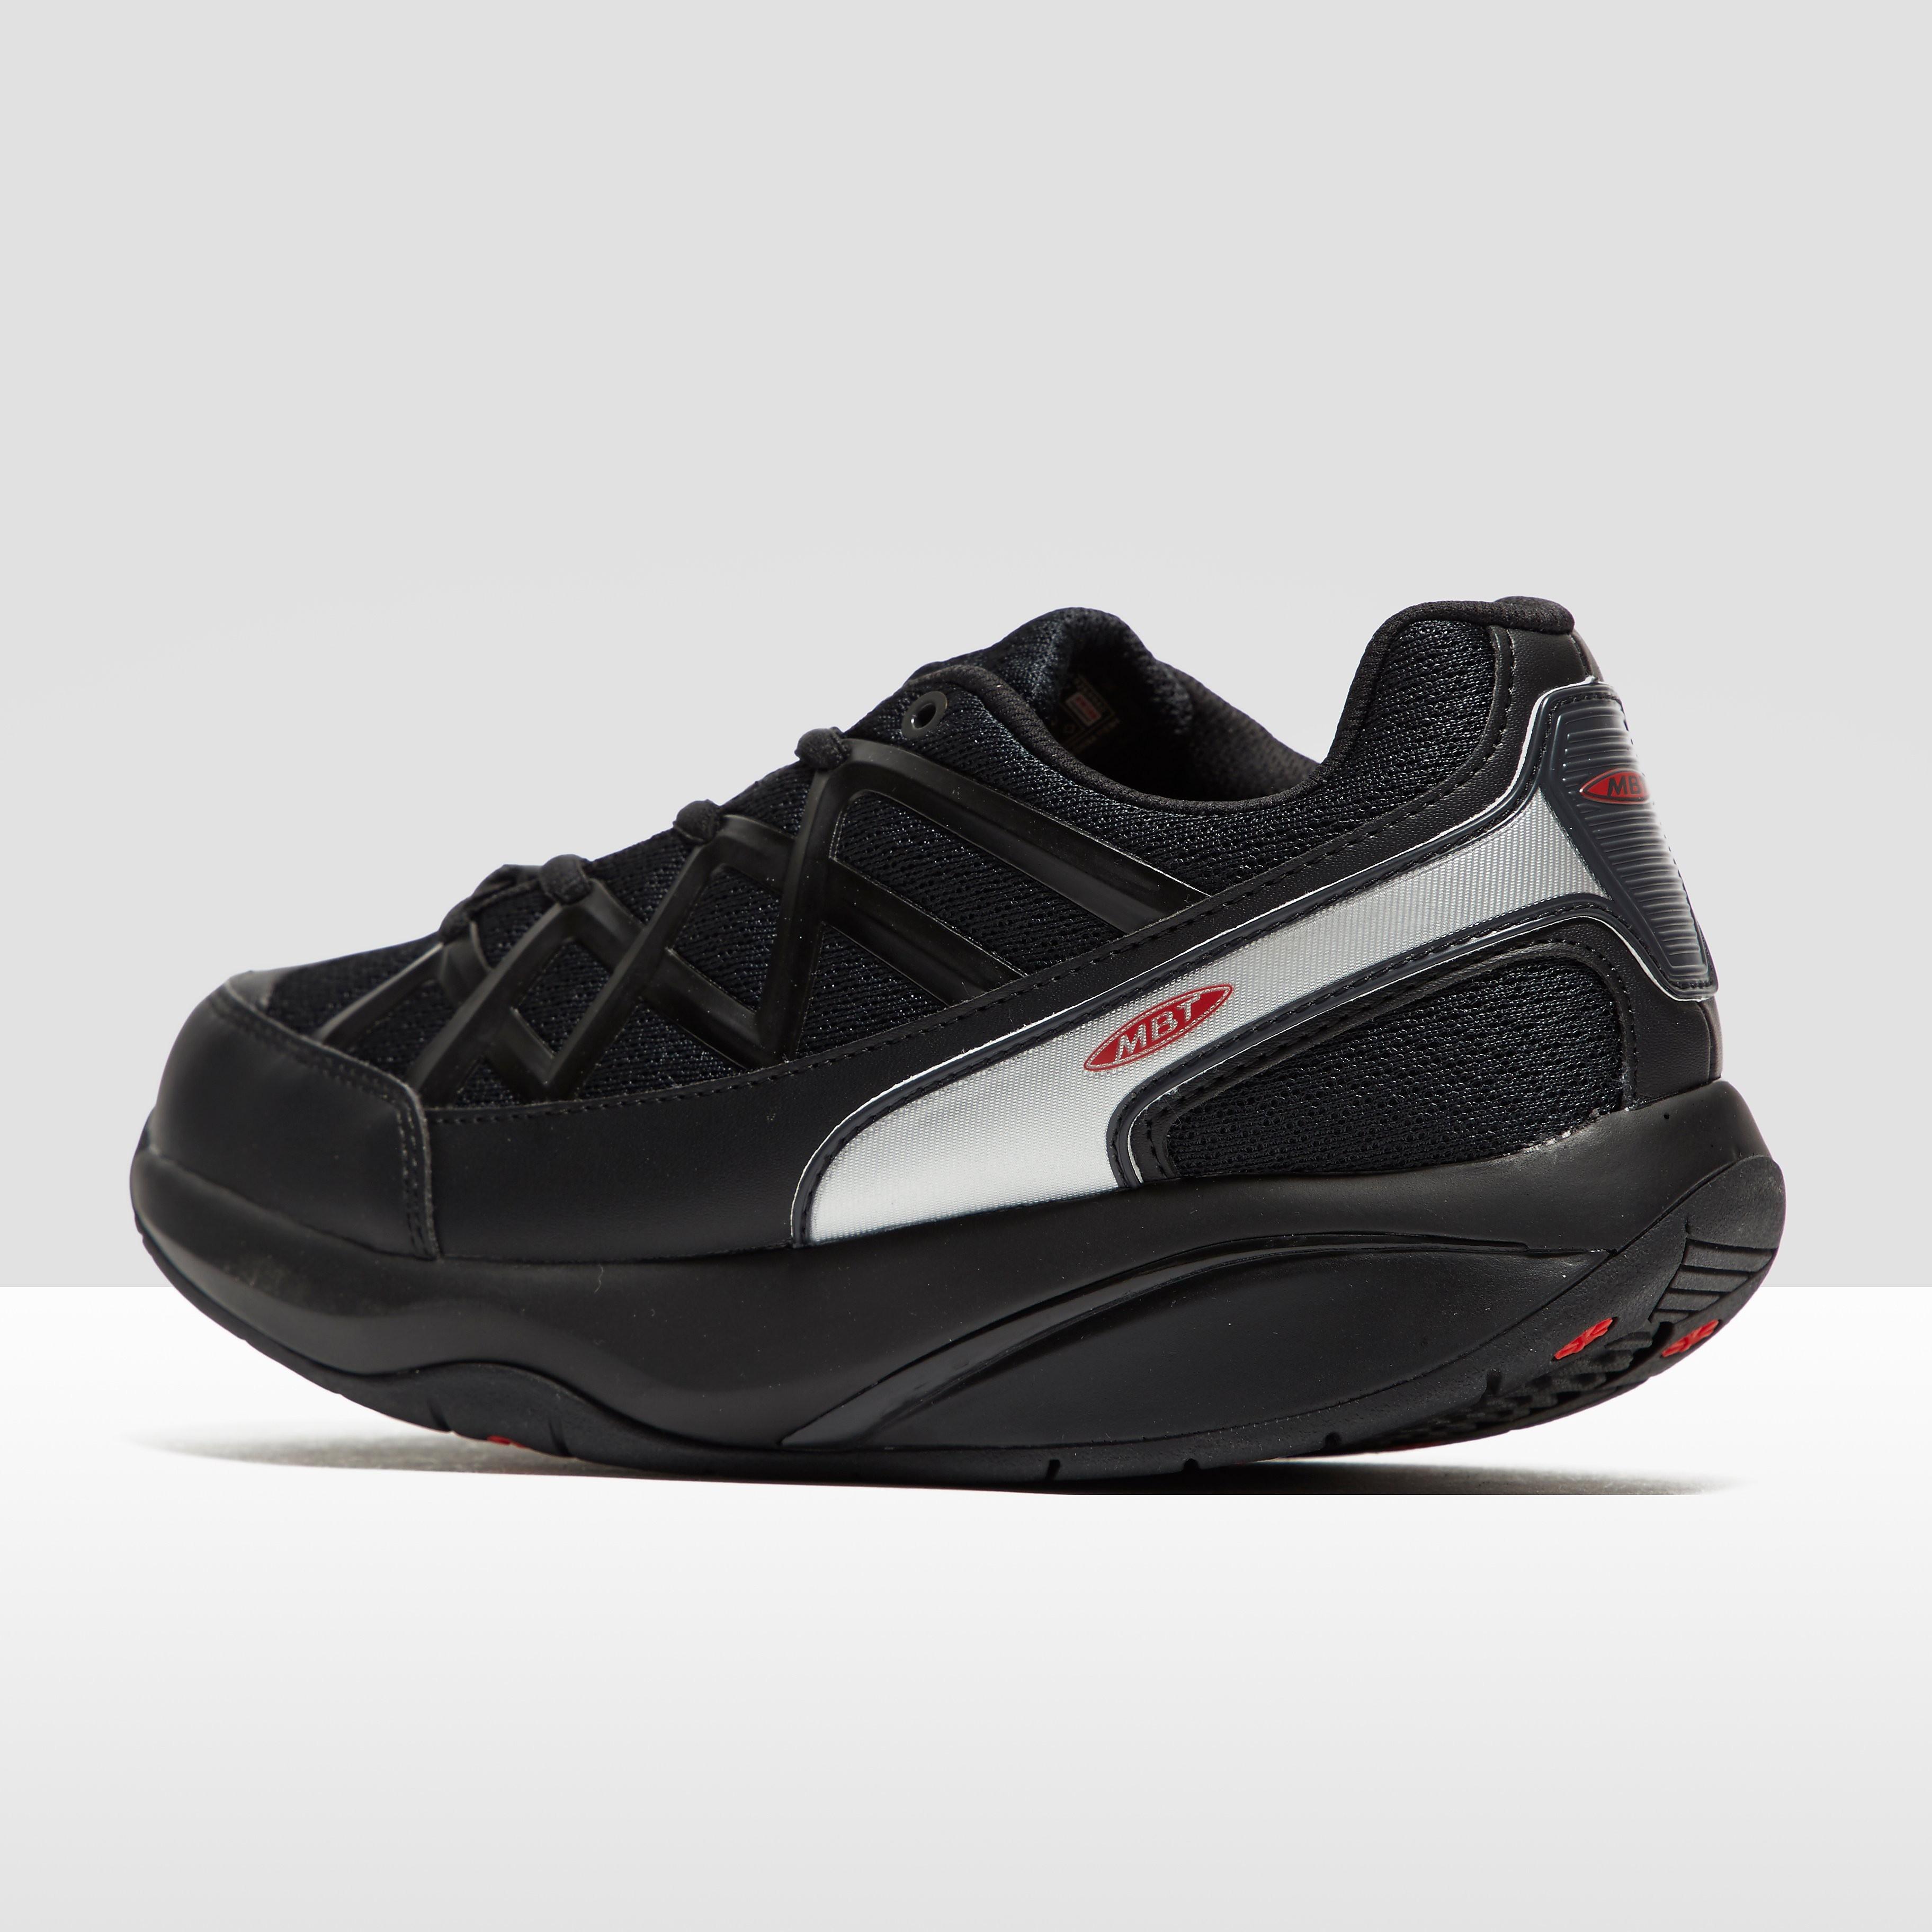 Mbt Sports 3 Women's Shoes